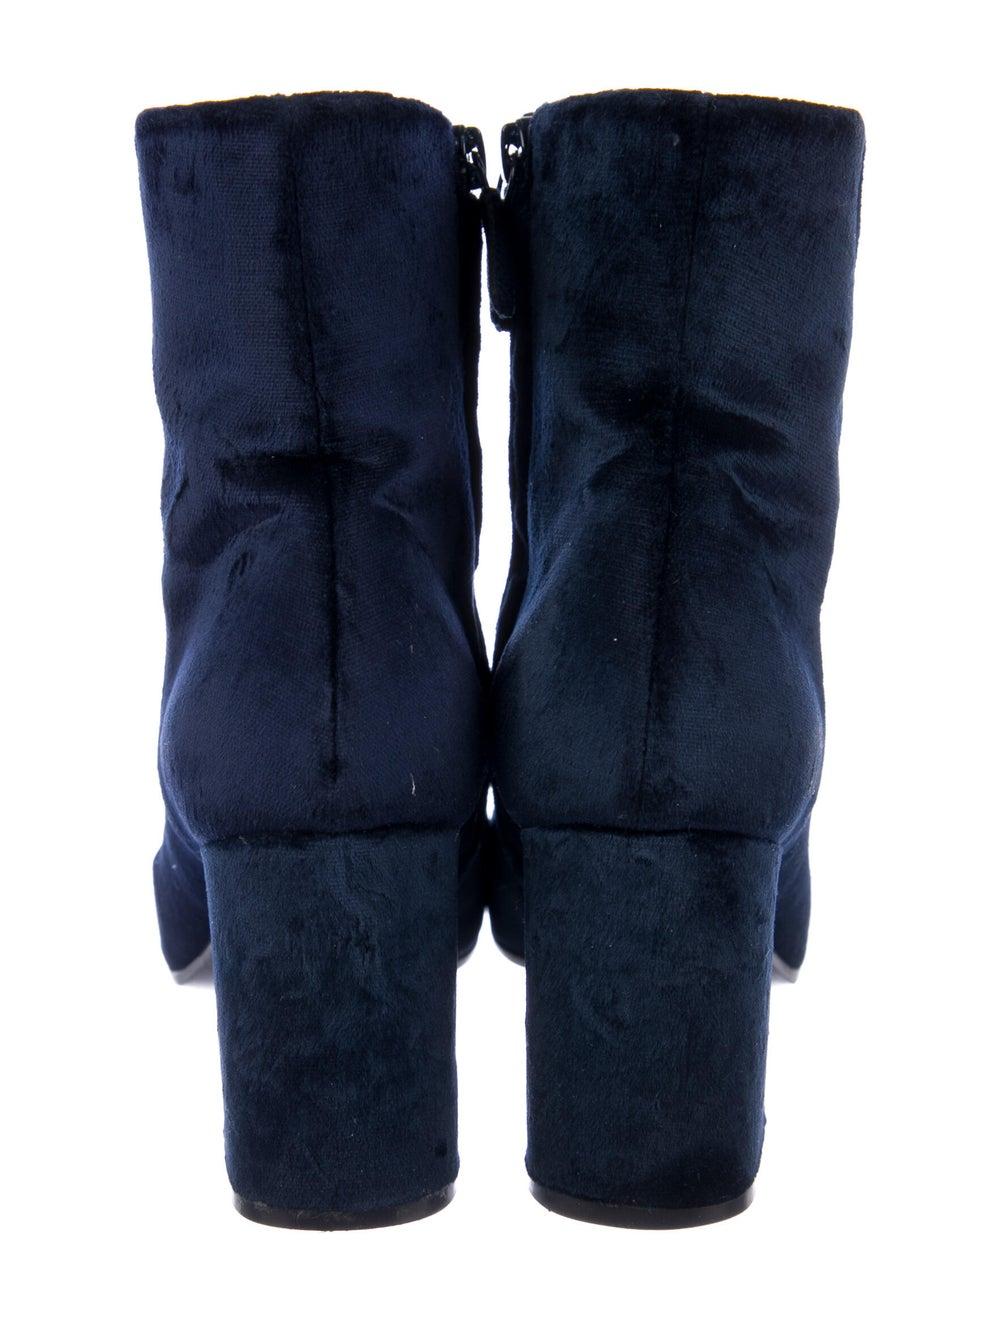 Balenciaga Boots Blue - image 4